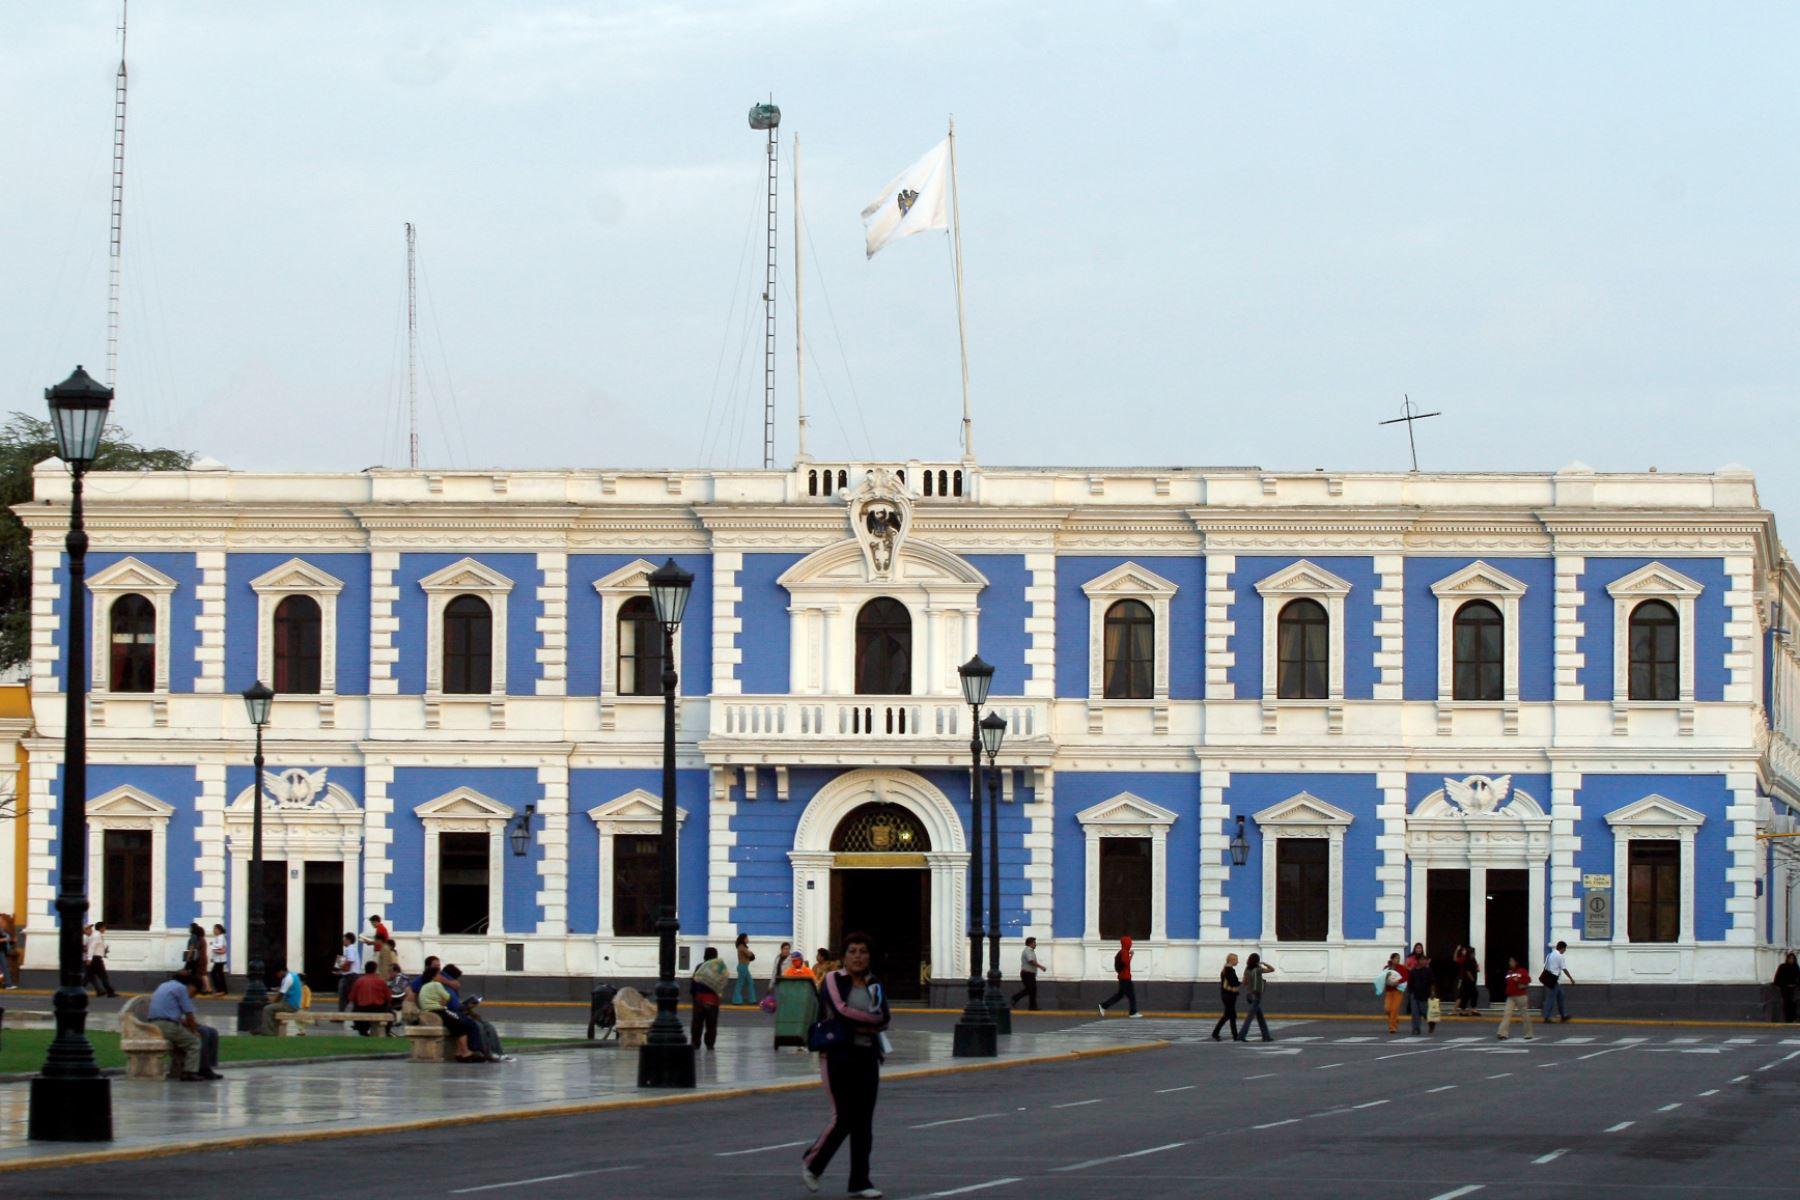 El concejo municipal de Trujillo creó una comisión para comprar 1 millón de vacunas contra el covid-19. Foto: ANDINA/archivo.